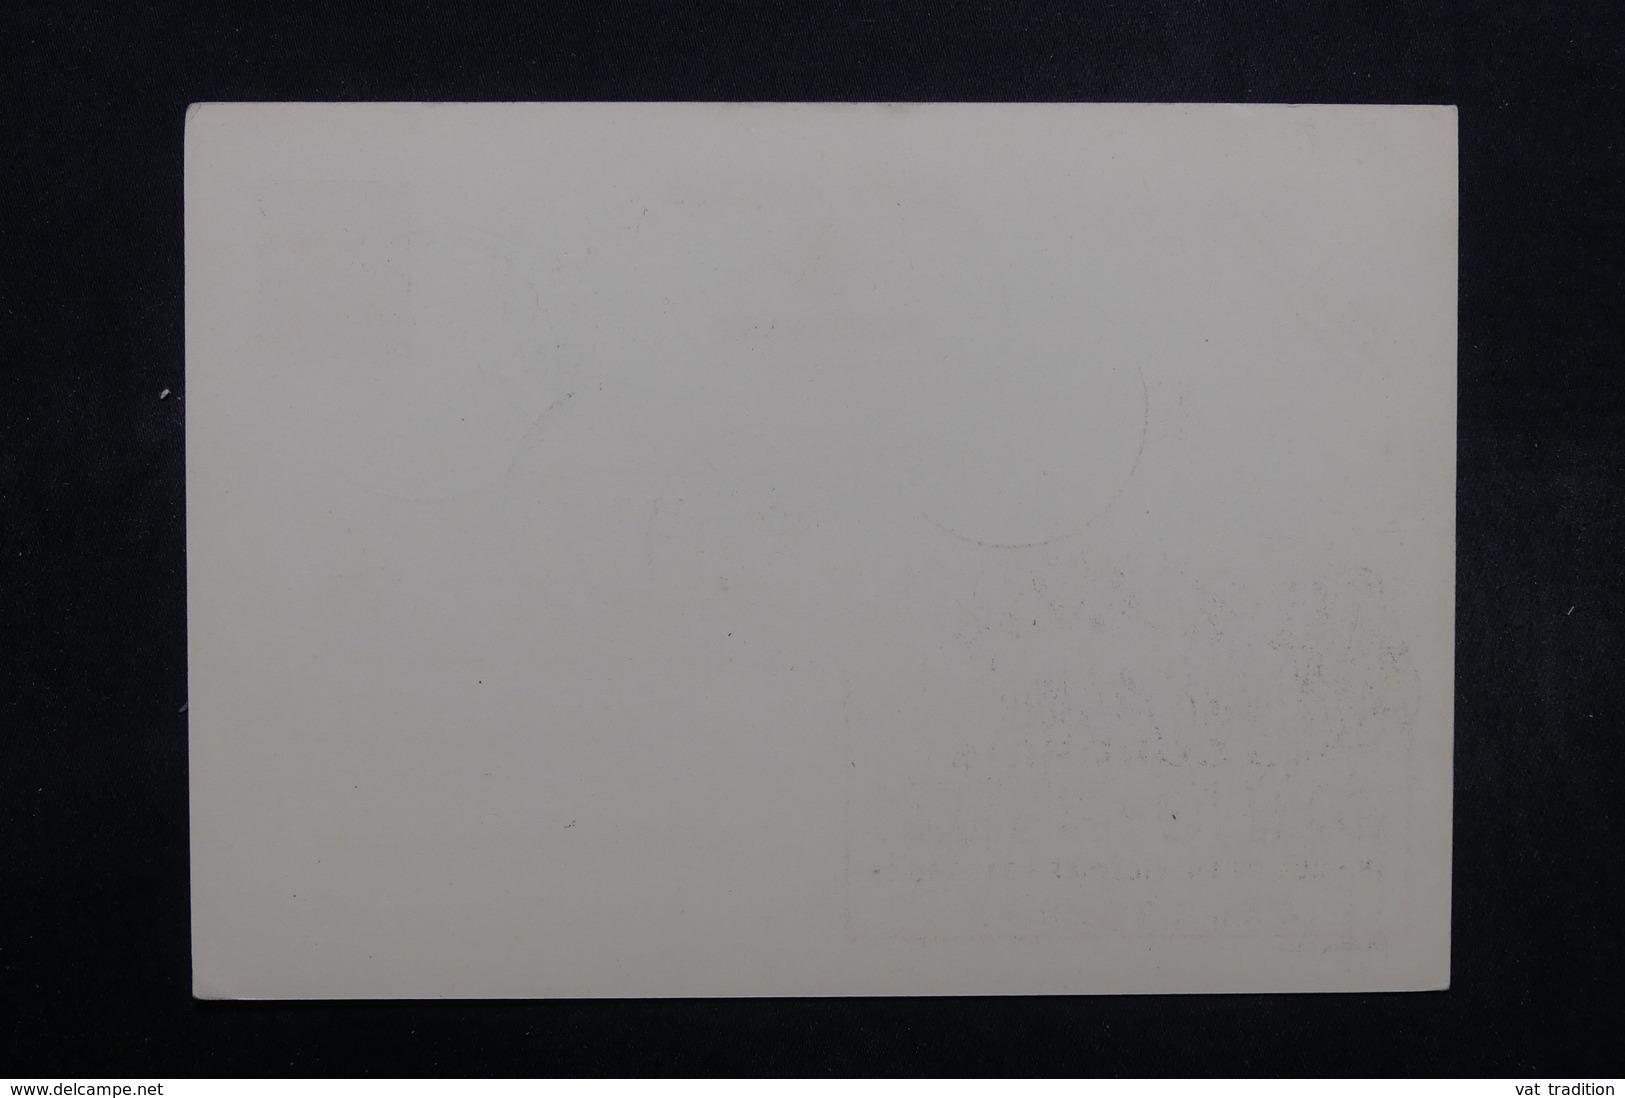 BELGIQUE - Entier Postal Publibel De Bruxelles Pour Molenbeek Via Maastrich Par Hélicoptère En 1953 - L 32477 - Publibels